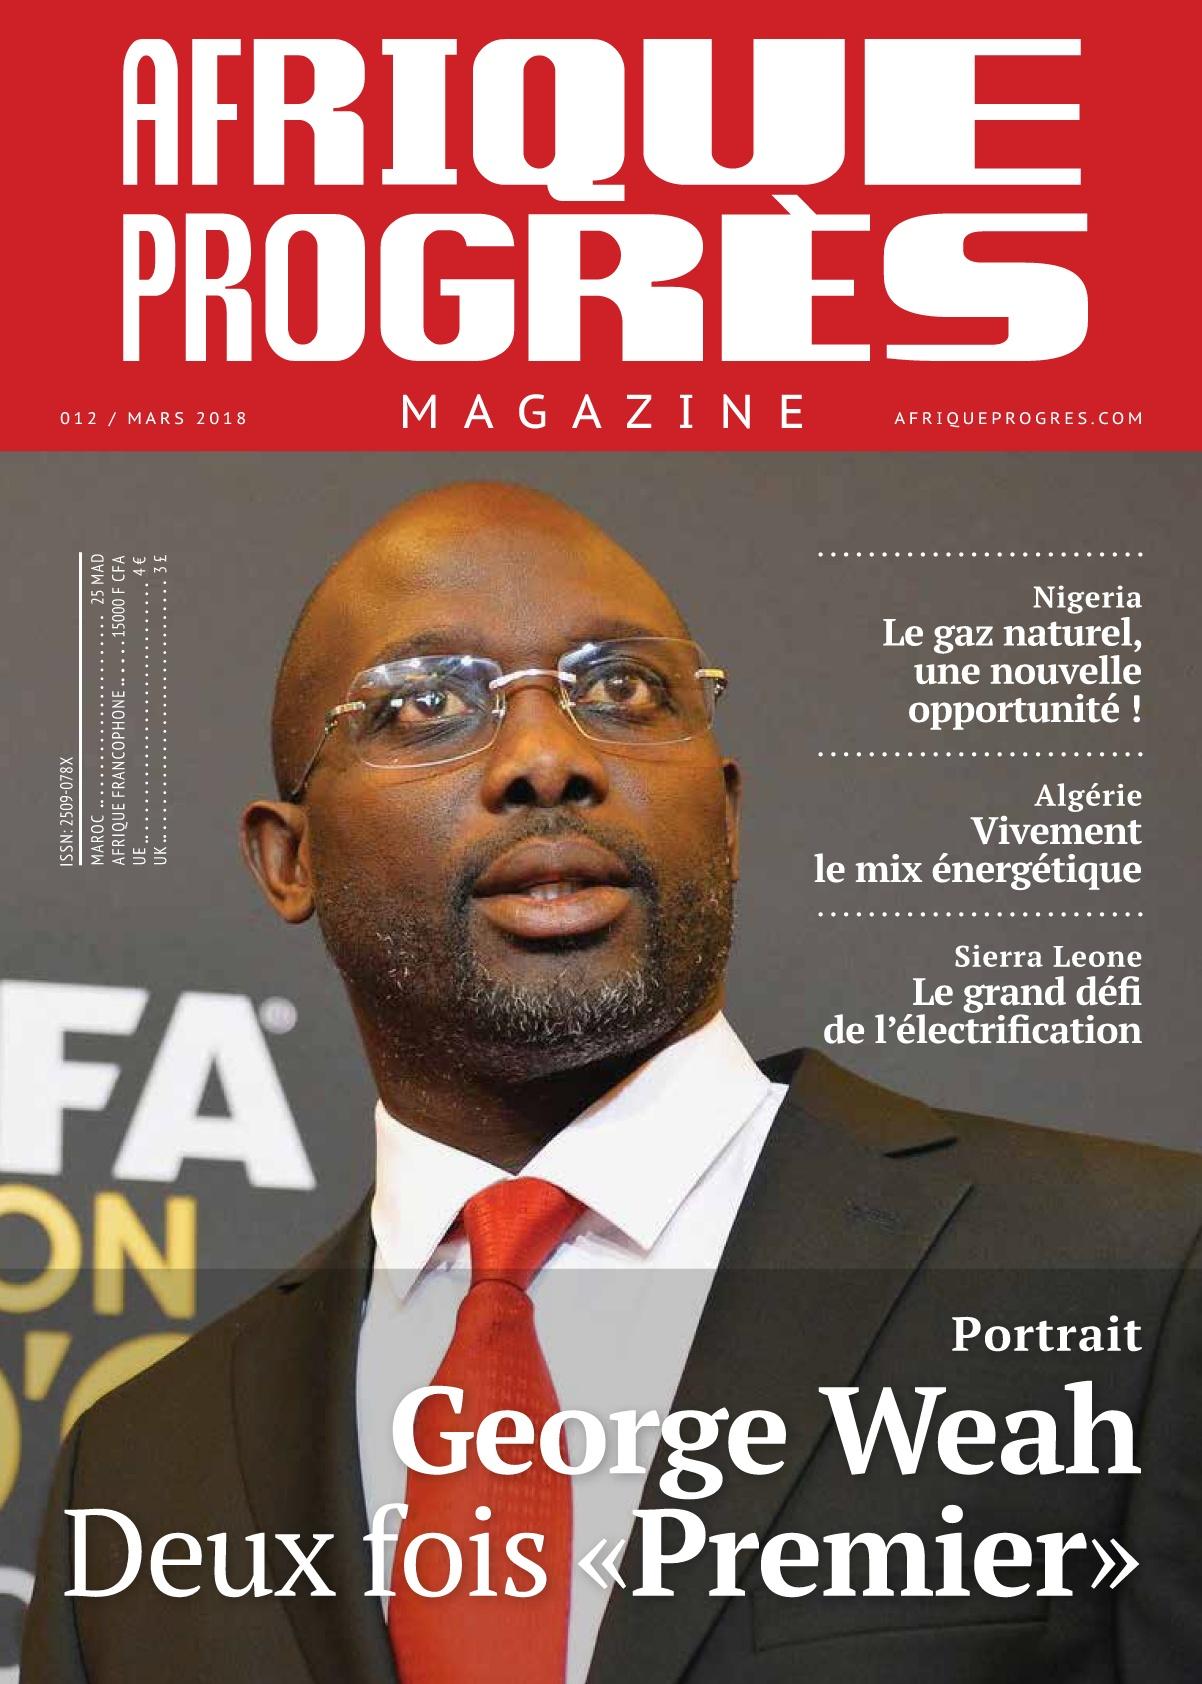 Afrique Progrès- Mars 2018